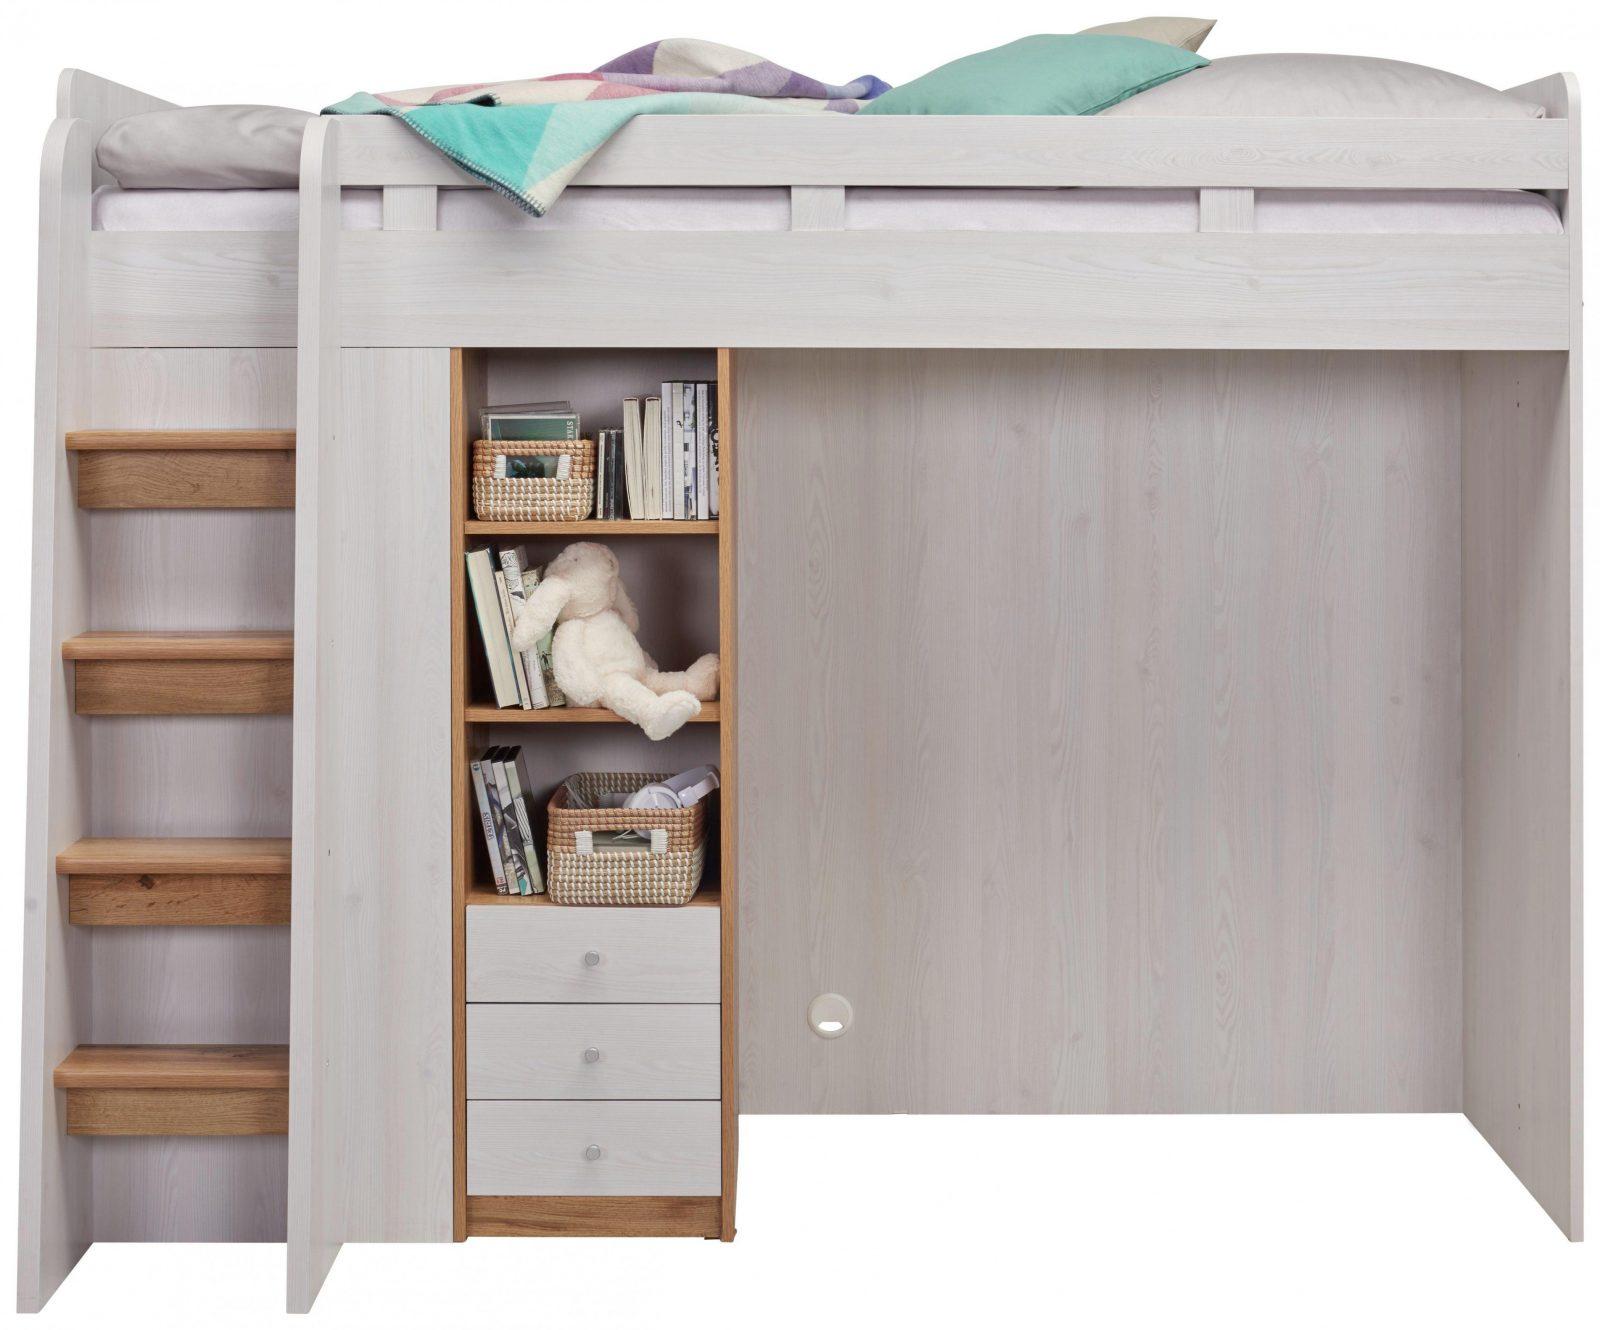 Stockbetten & Etagenbetten Für Kinder Online Kaufen  Xxxlutz von Halbhohes Bett Mit Treppe Photo